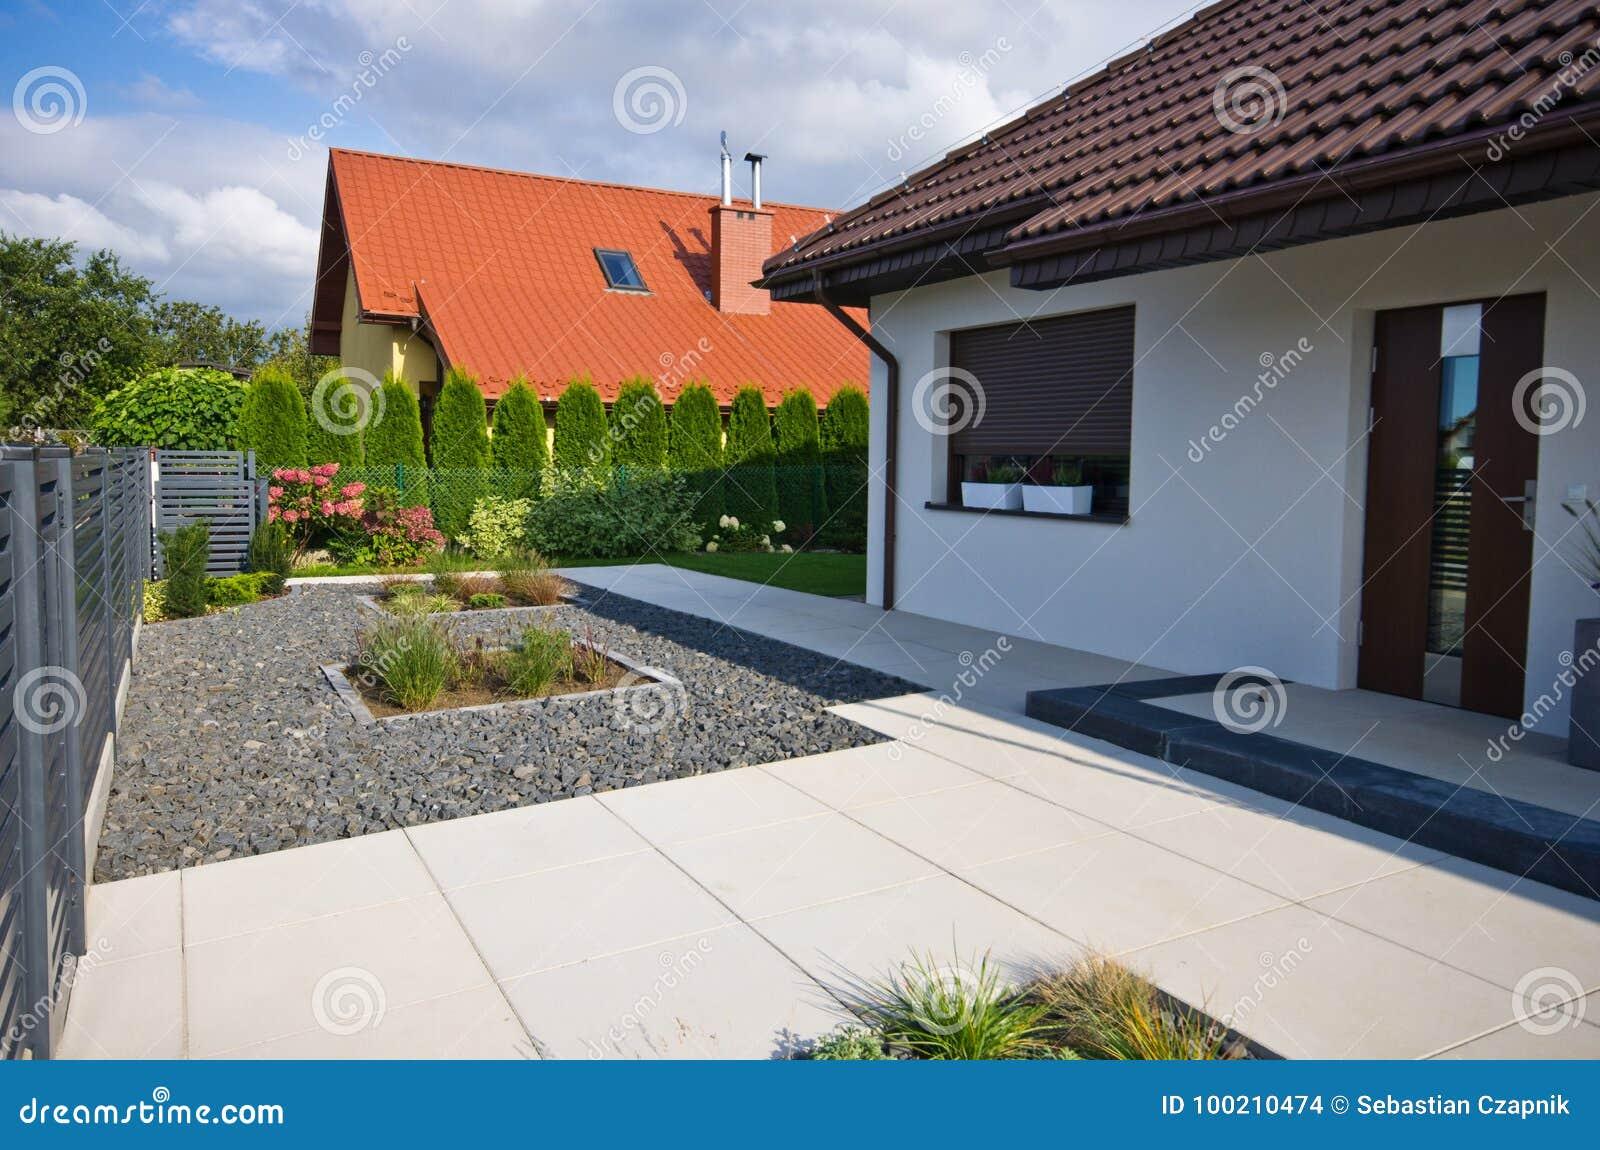 Esterno Di Una Casa : Esterno di una casa moderna con architettura elegante fotografia